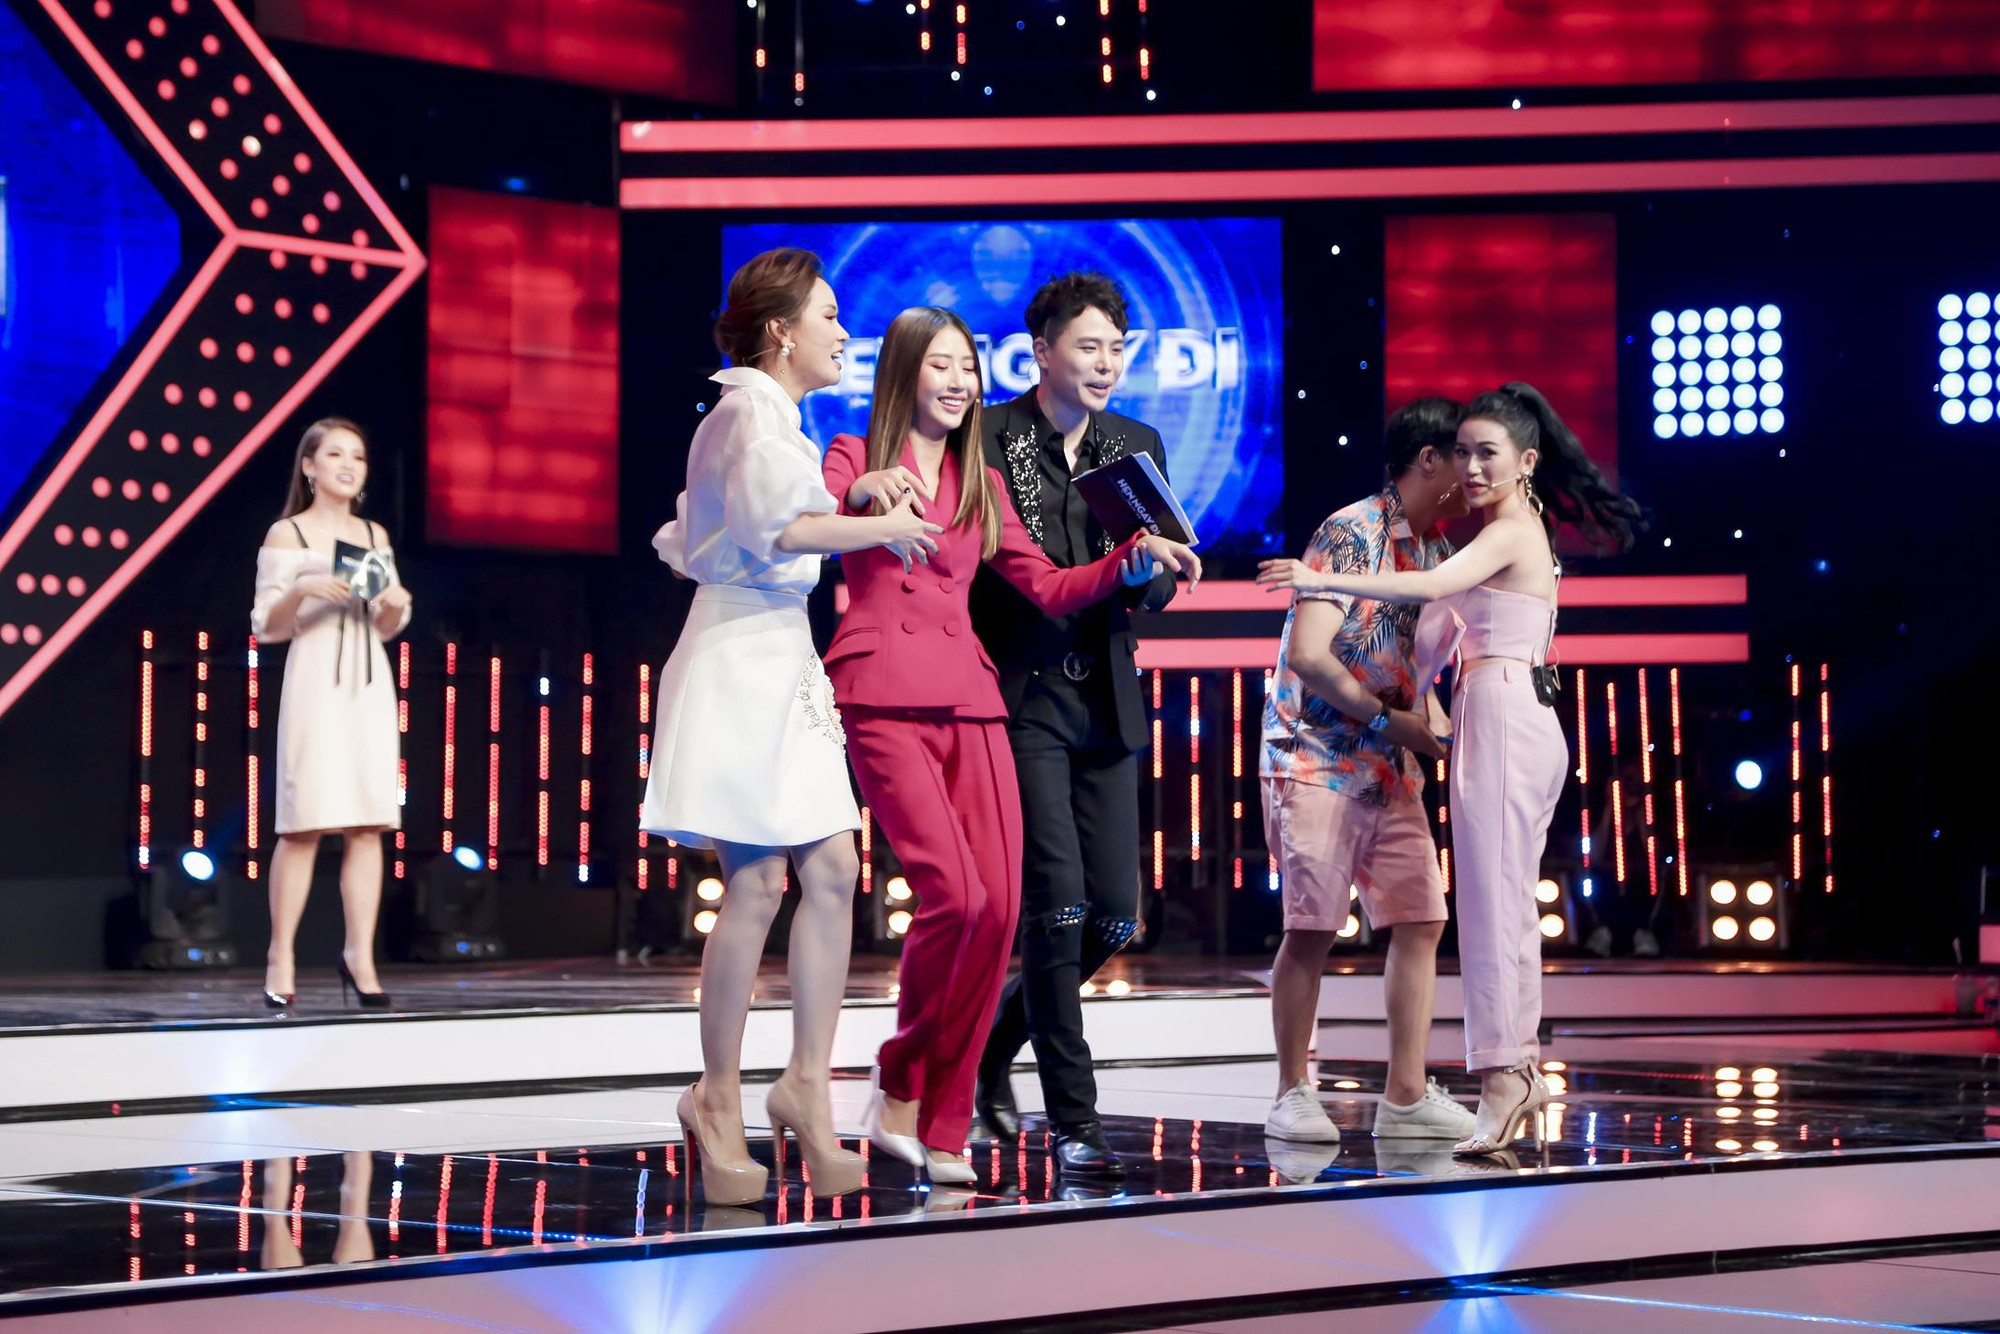 Vừa mới công khai bạn gái, Huỳnh Anh đã vui vẻ đi ăn với người đẹp khác - Ảnh 13.